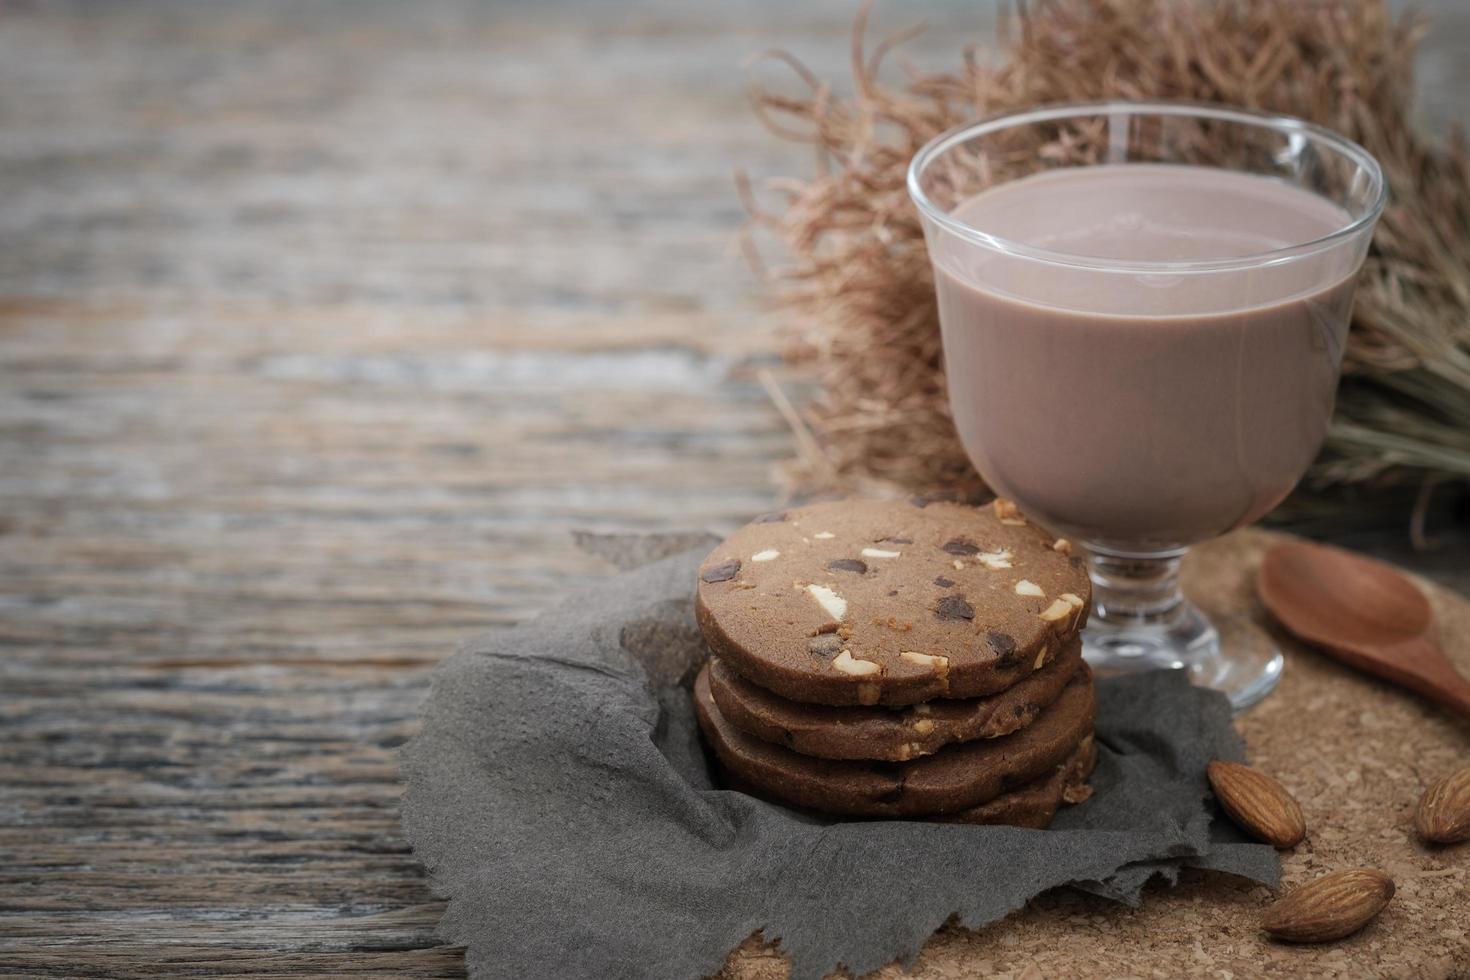 galletas con chispas de chocolate y un vaso de leche foto